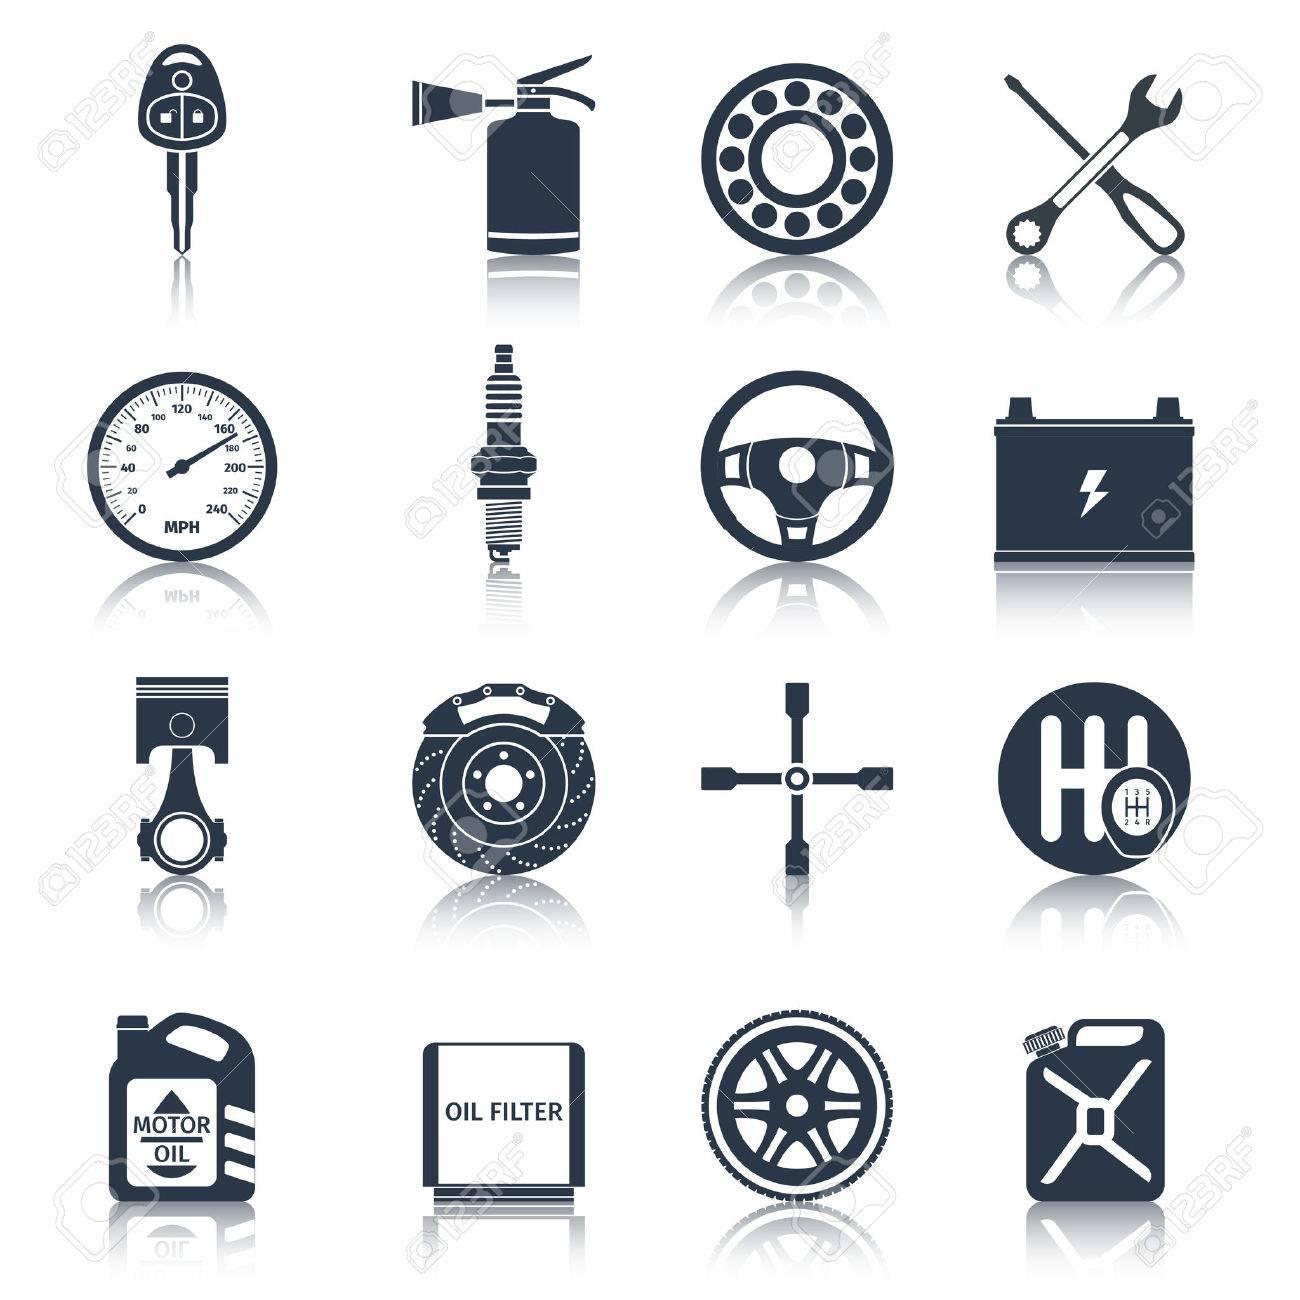 車システム部品技術自動車サービス黒いアイコン設定分離ベクトル